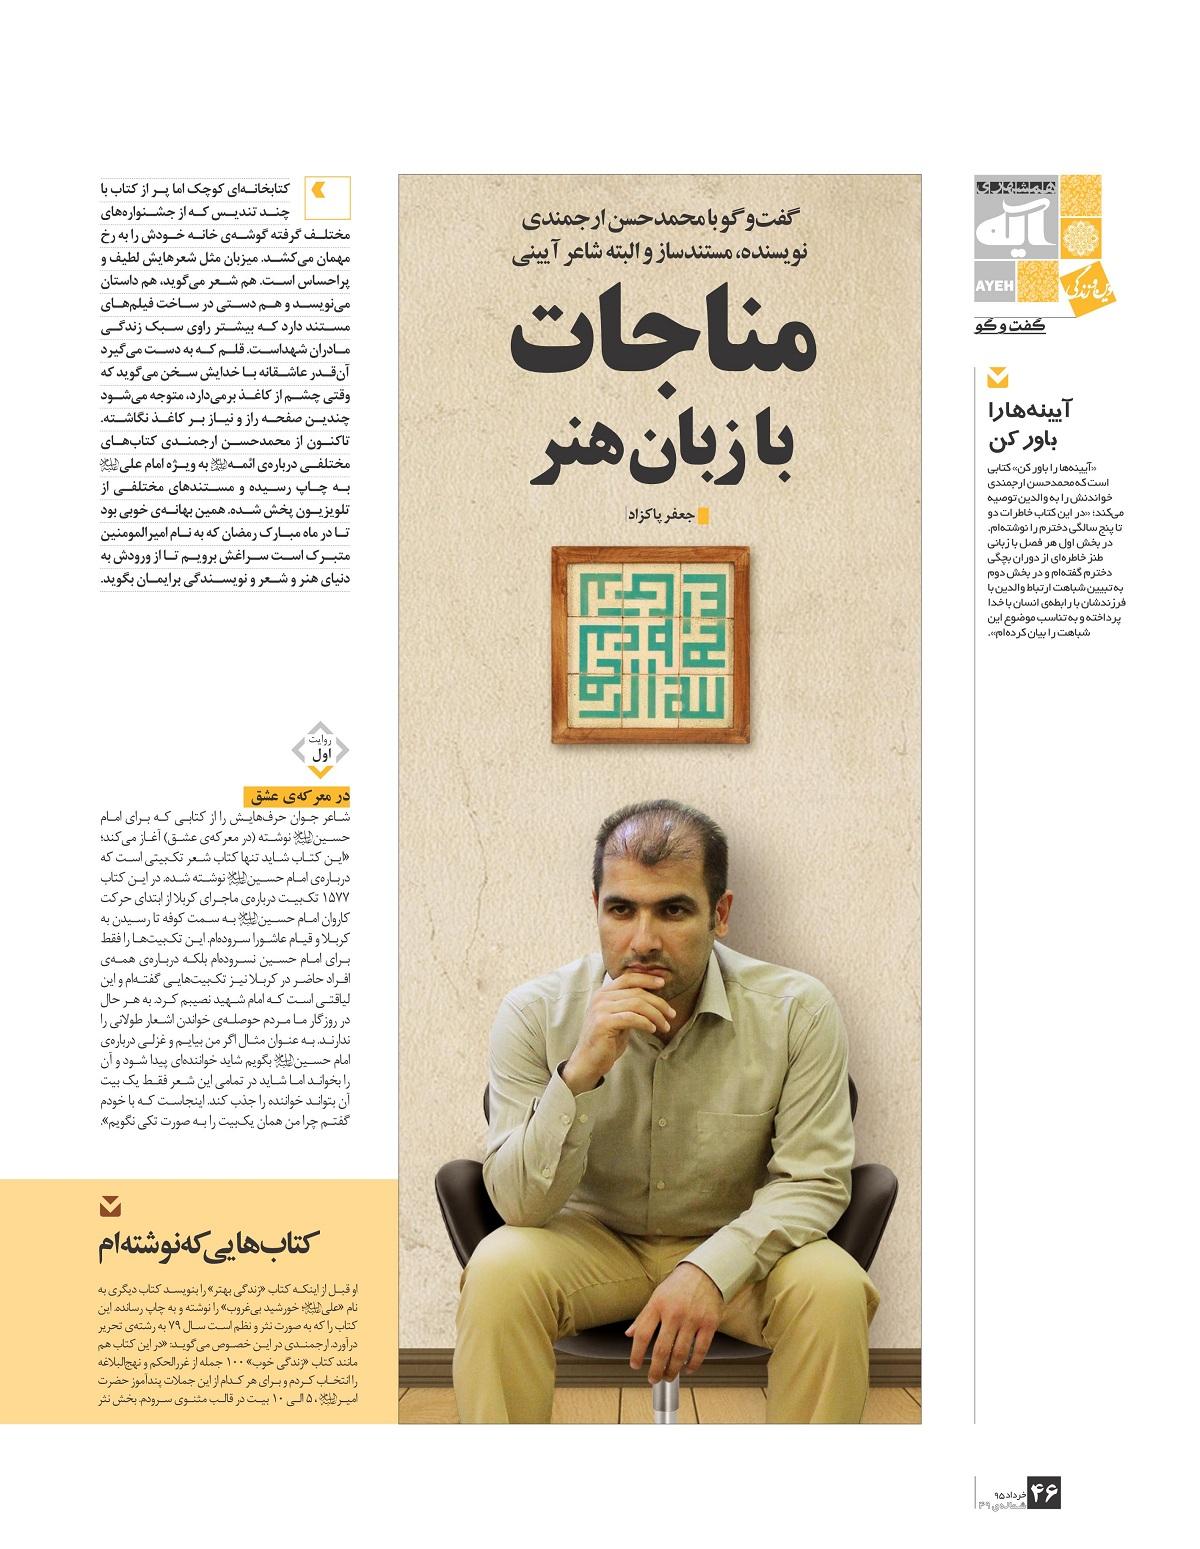 تصویر صفحۀ اول مصاحبه همشهری آیه با محمد حسن ارجمندی-خرداد 95